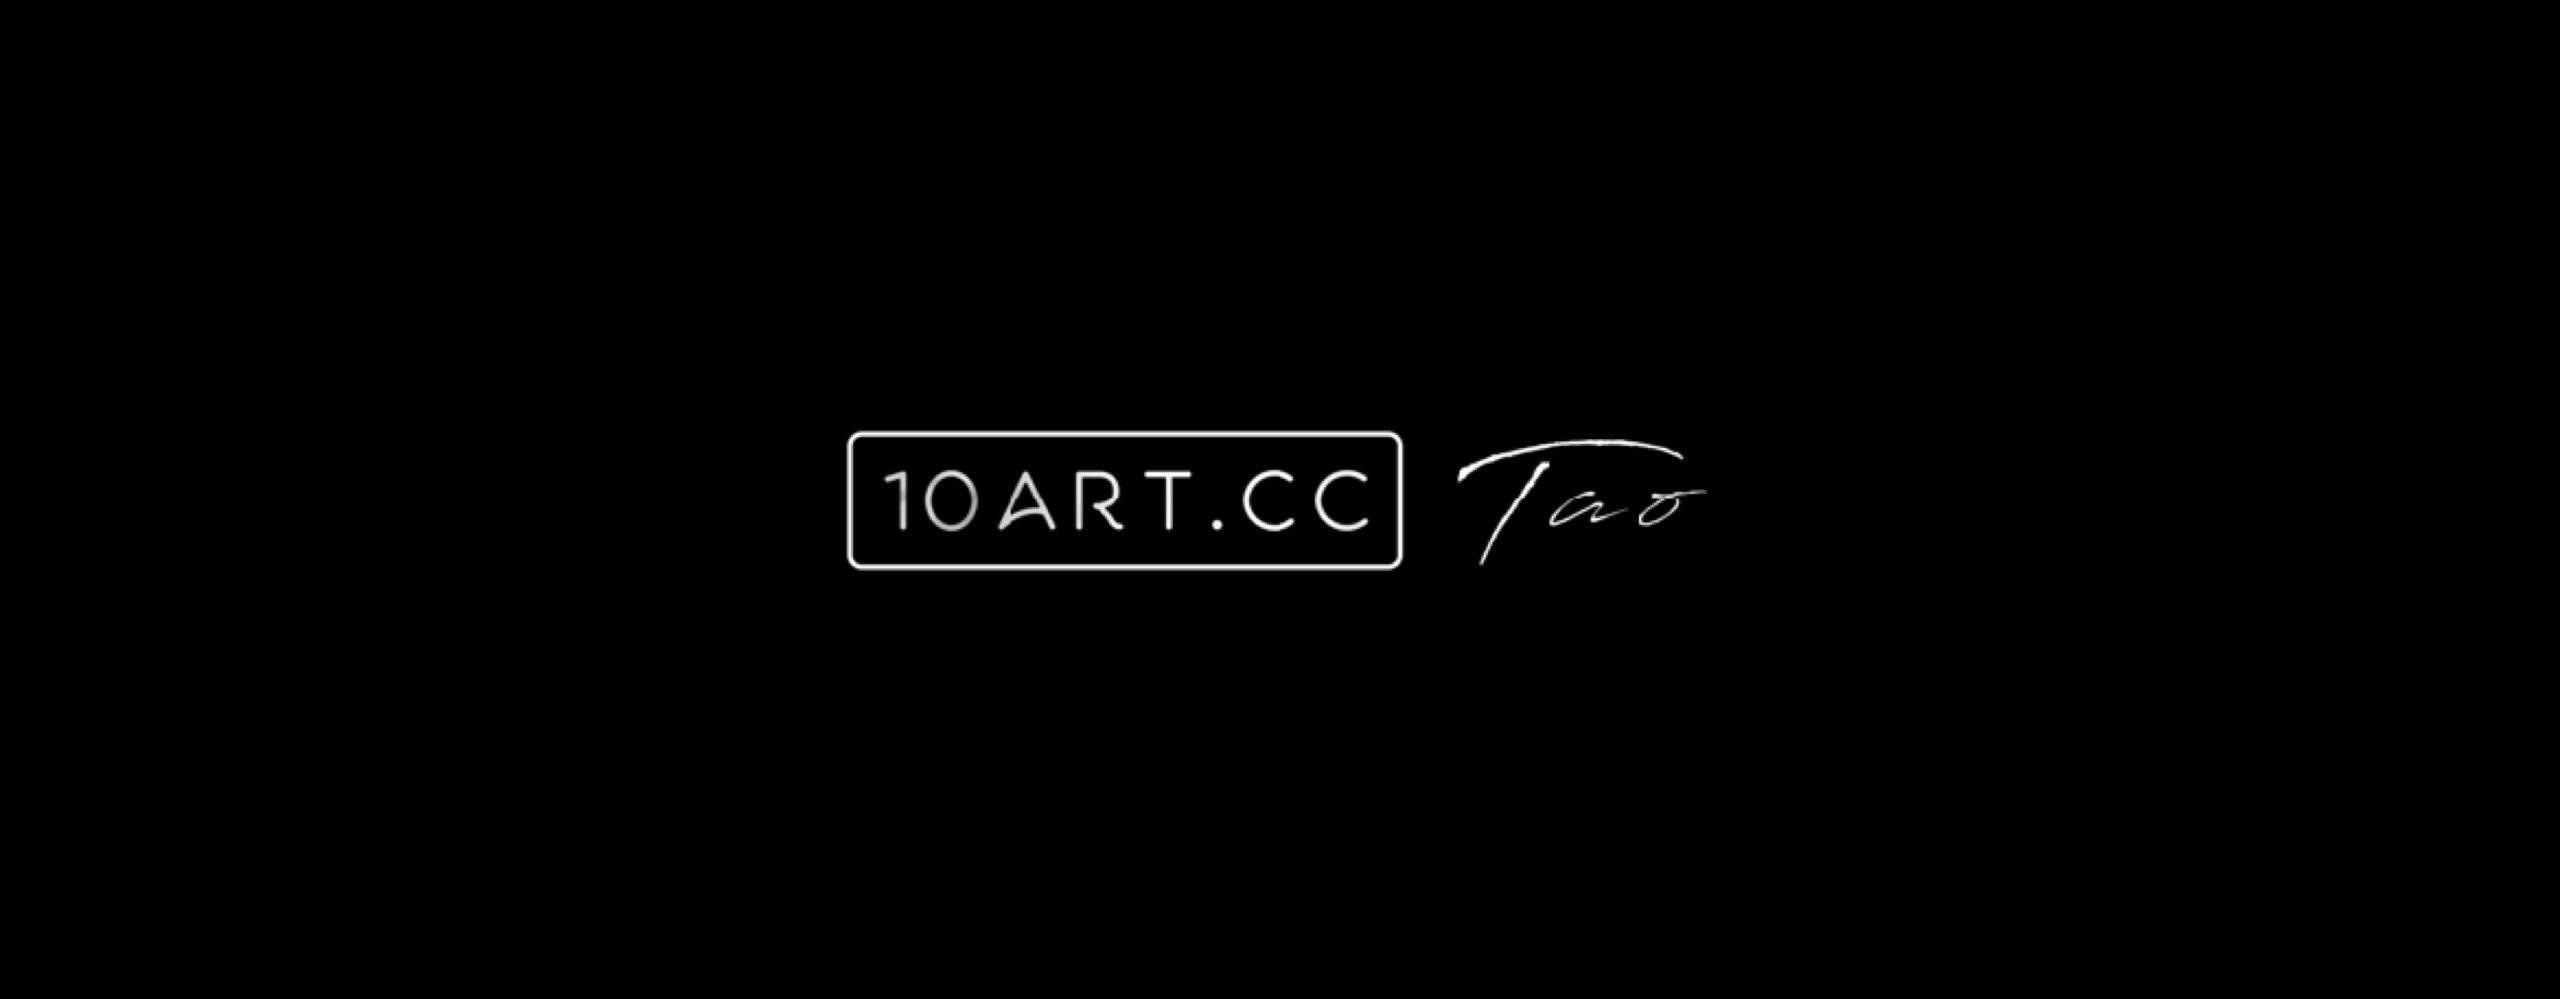 商业及广告拍摄-10ARTCC